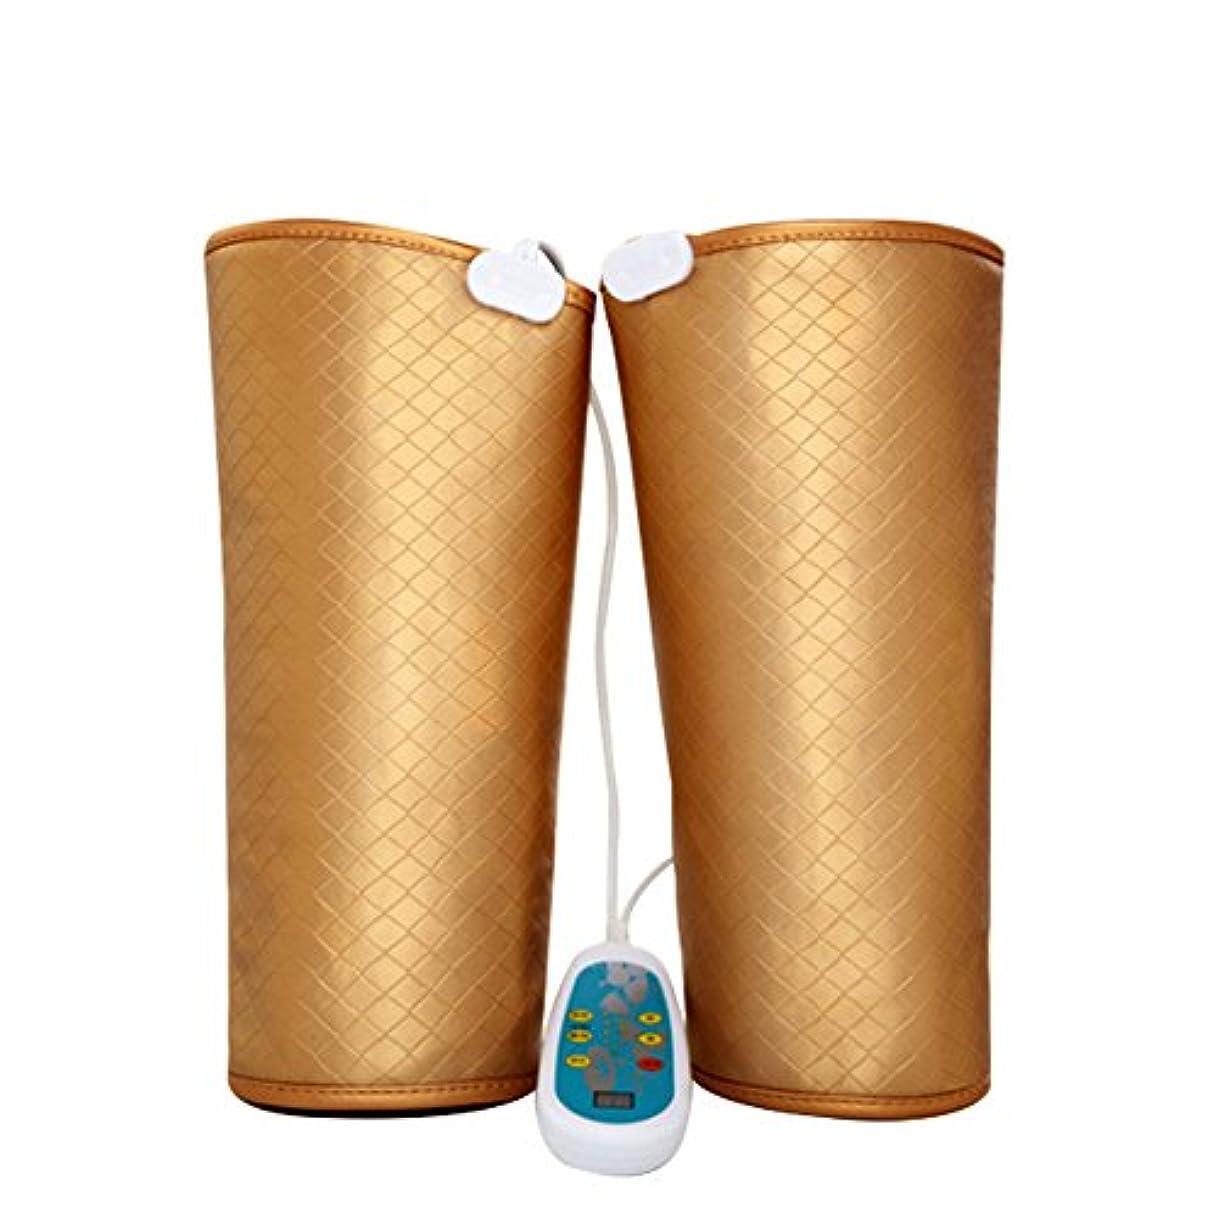 助手正確な霊電気マッサージ、膝の保温、男女通用、マッサージ機、膝と足を加熱してマッサージします